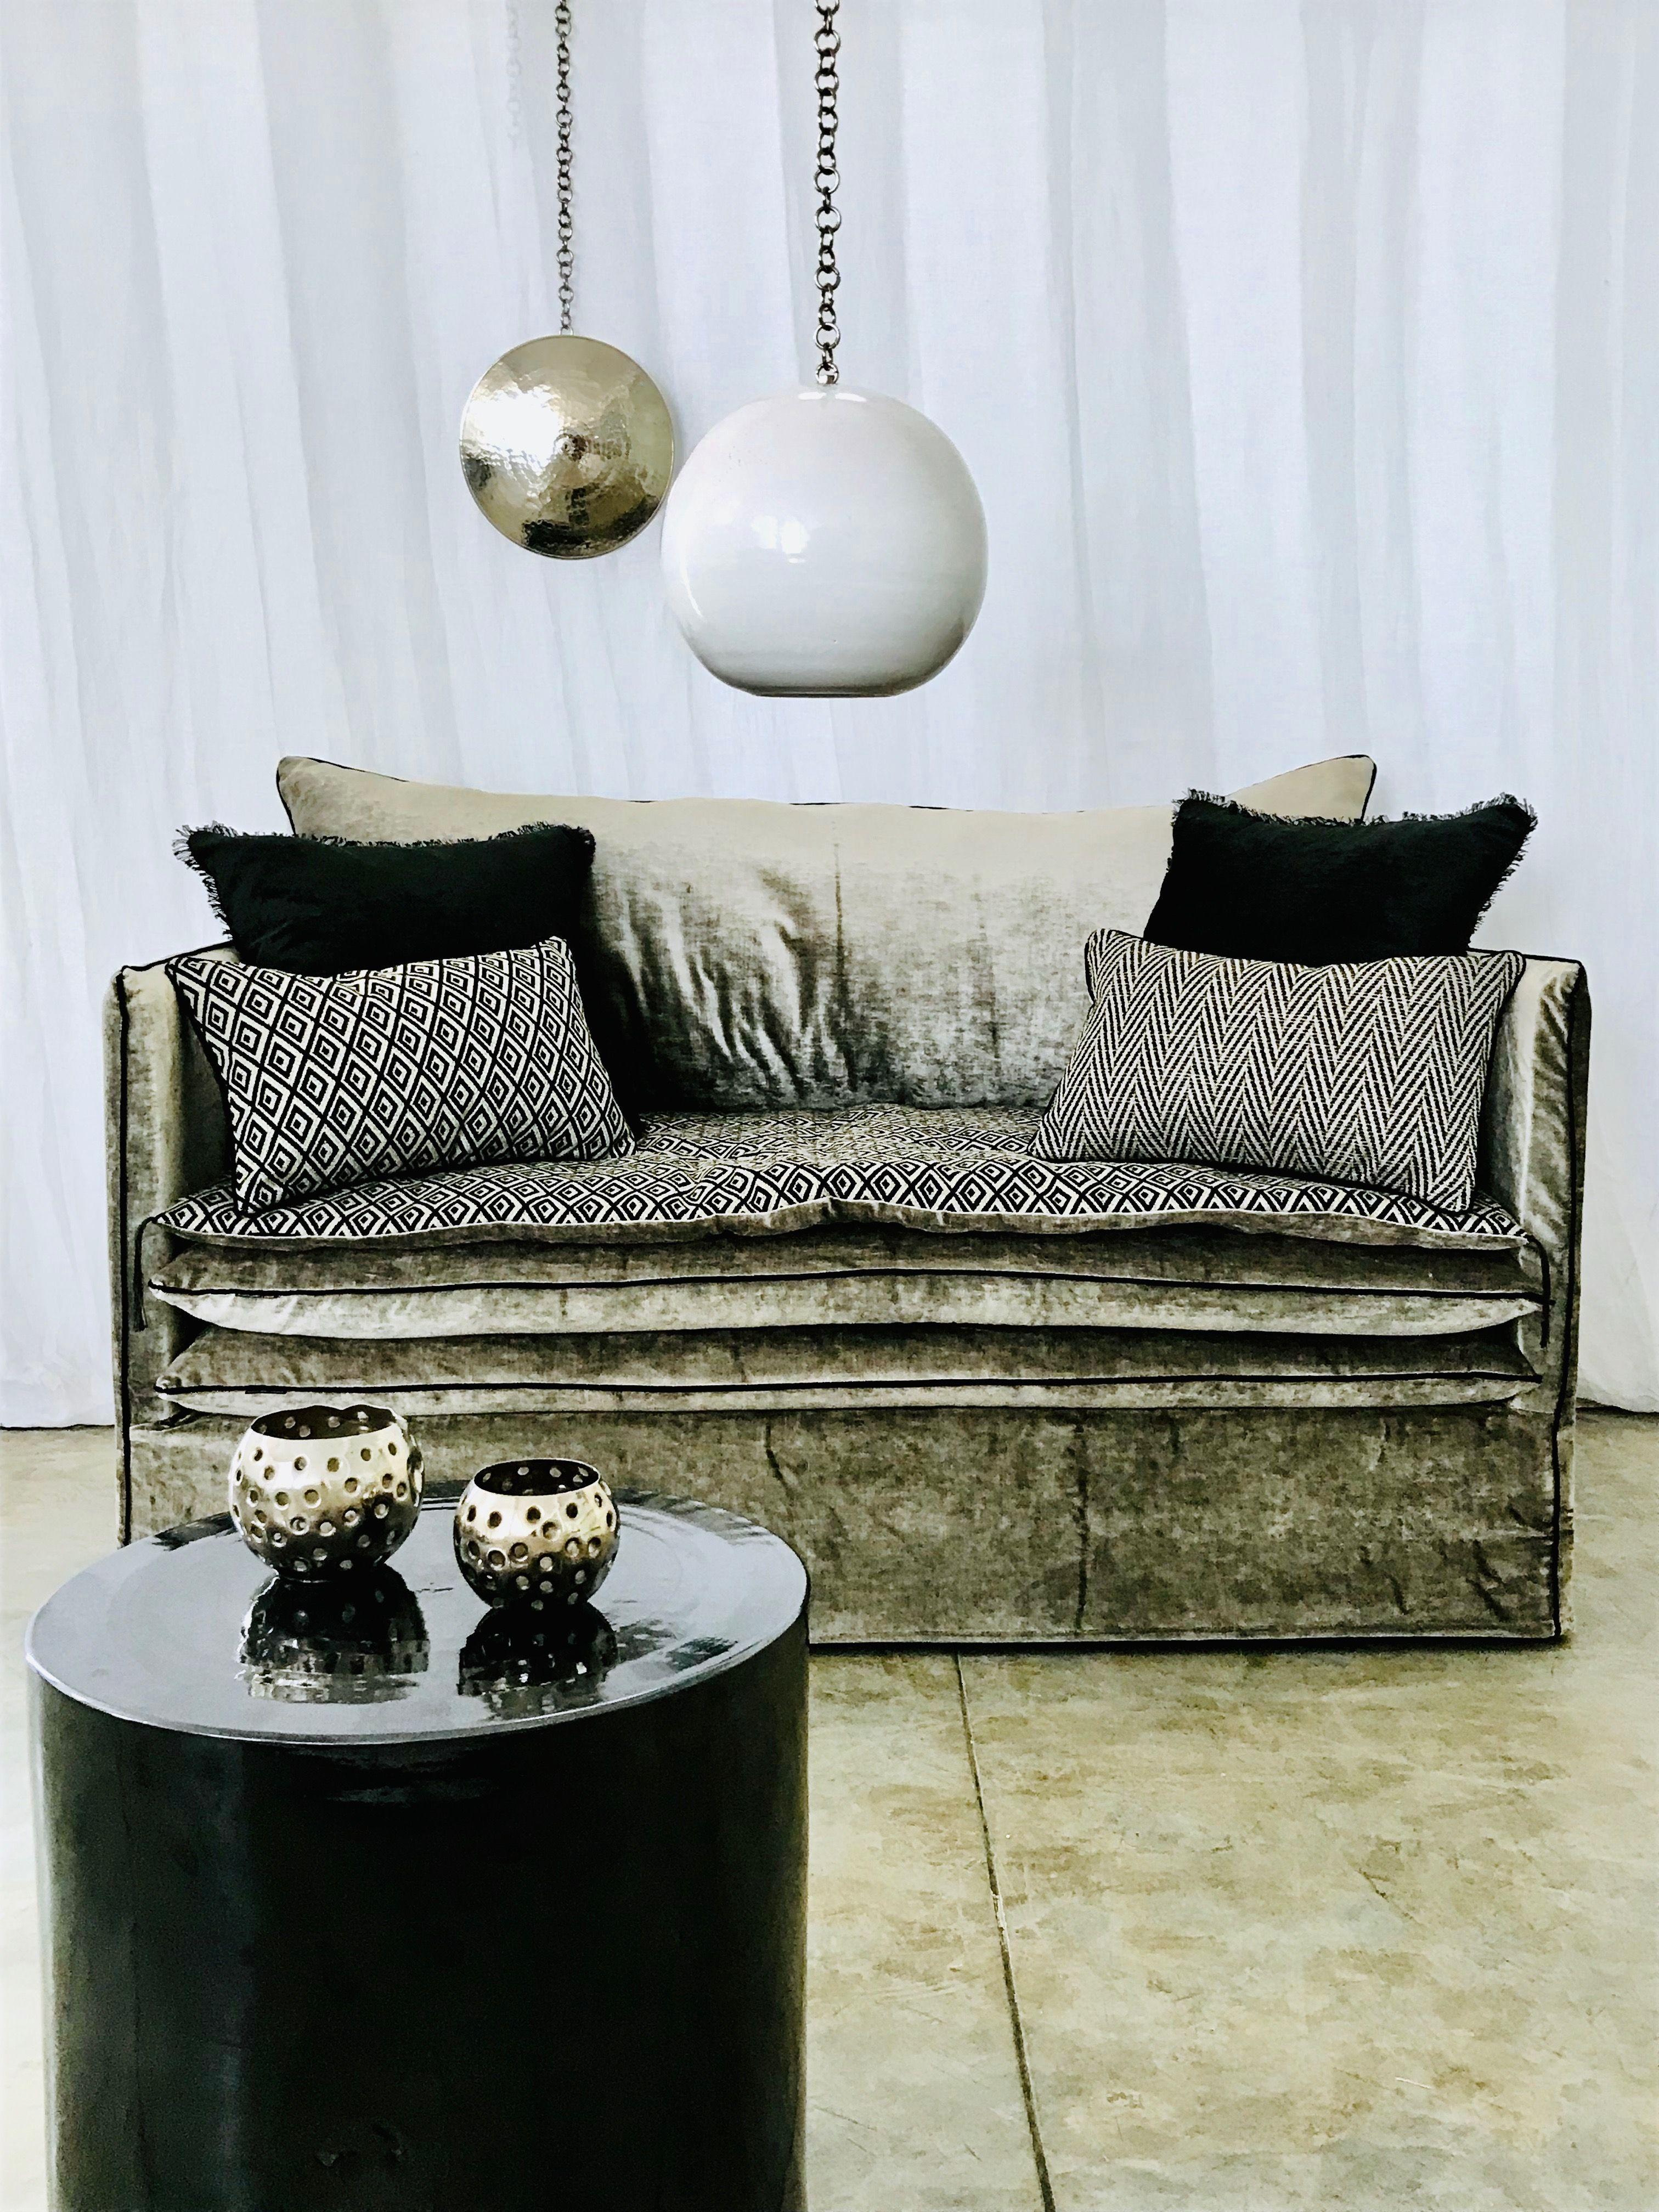 Canape Sur Mesure Mille Et Une Nuit Velours Tsar Beige Ciment Et Son Sofa Cover Berbere Losange Idees De Decor Canape Haut De Gamme Decoration Maison